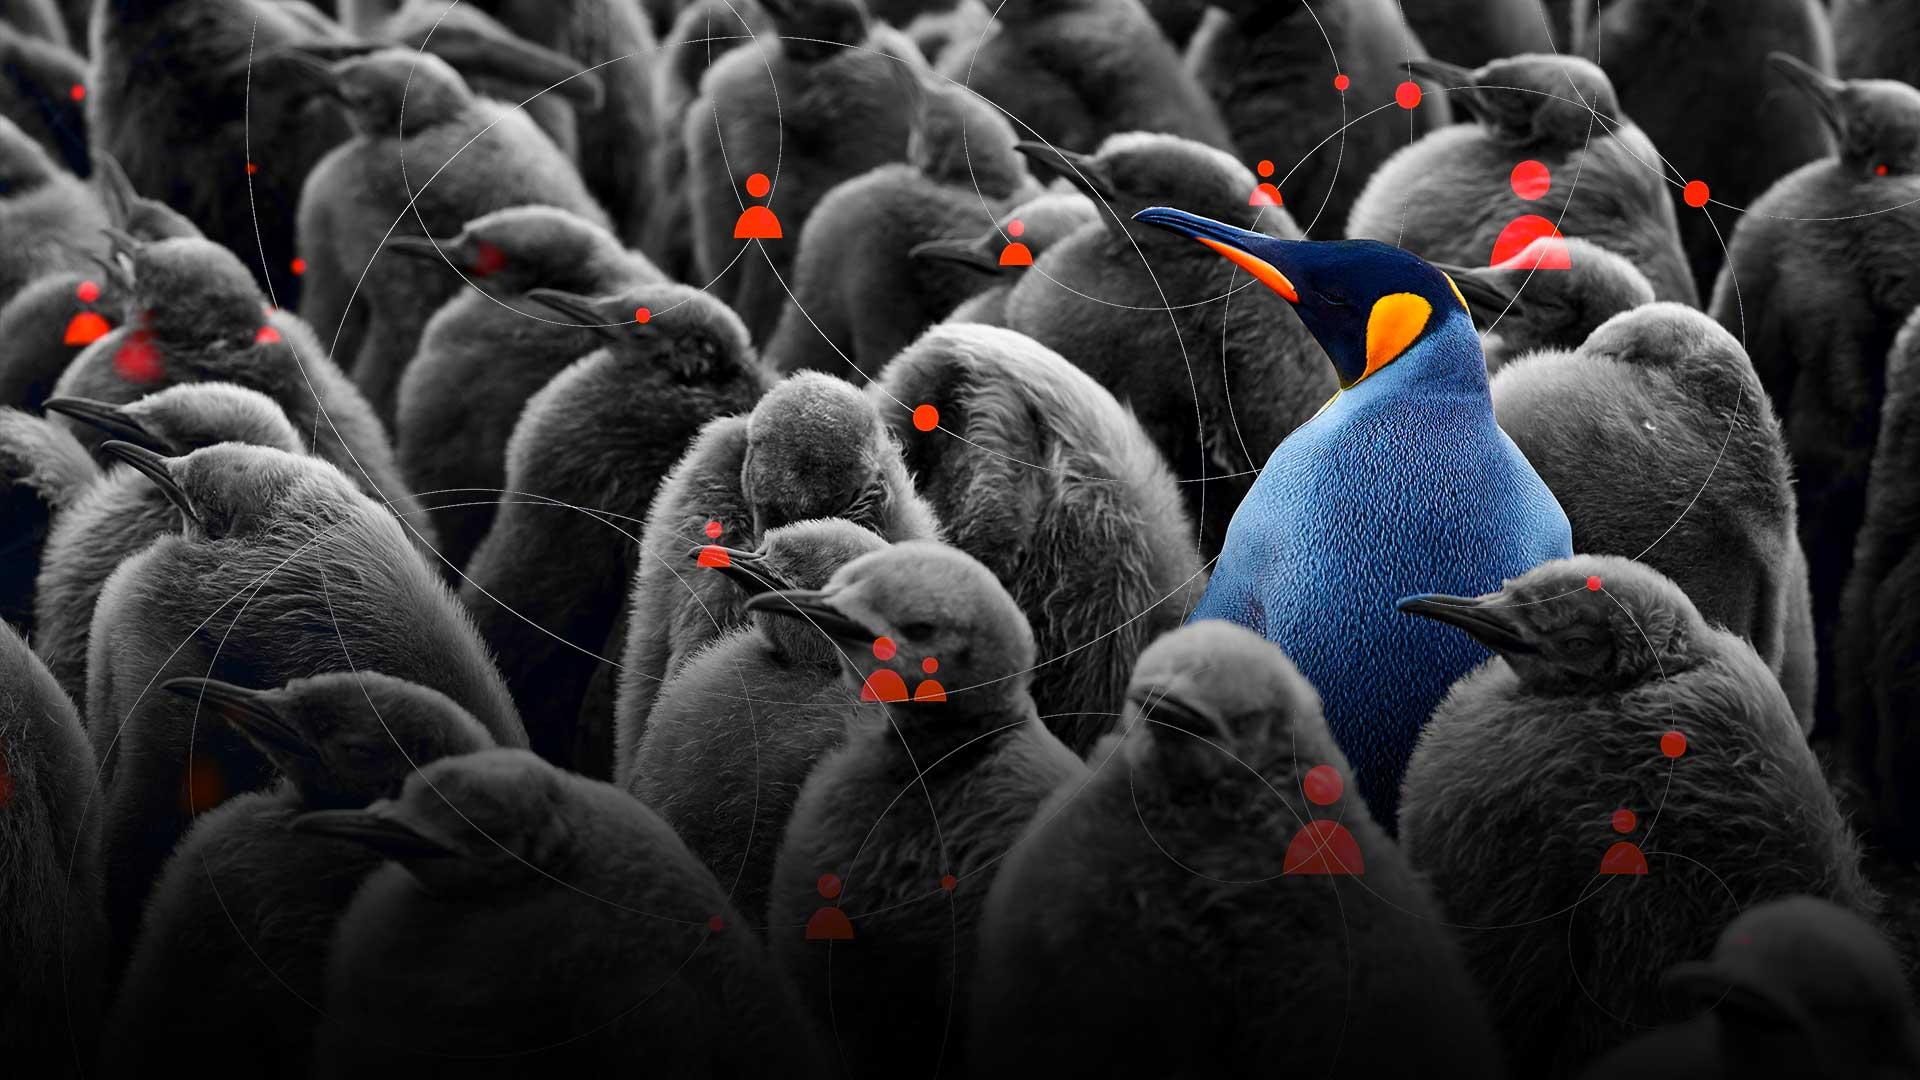 A flock of penguins